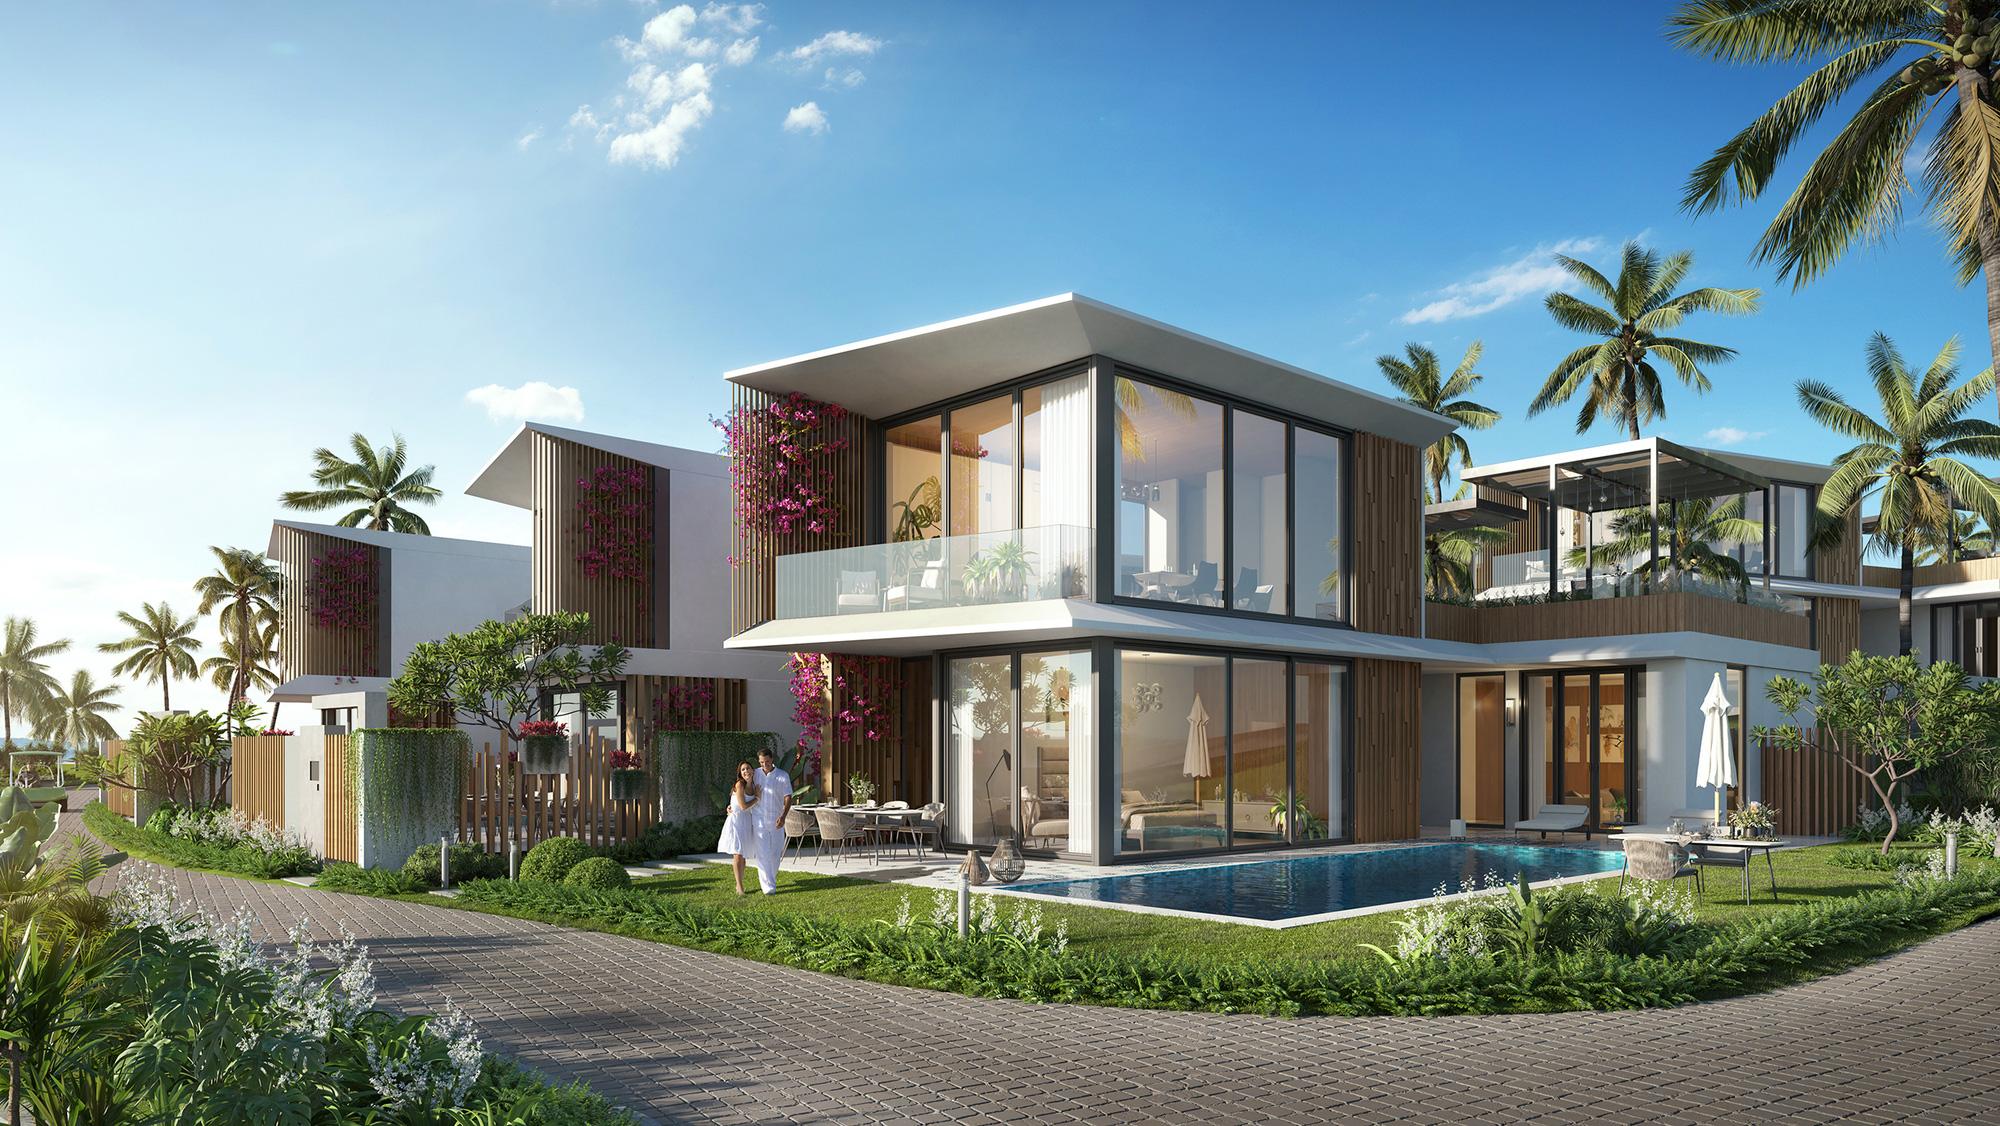 BĐS ven Hội An thắng thế nhờ dòng sản phẩm mới Shantira Beach Resort & Spa - Ảnh 15.